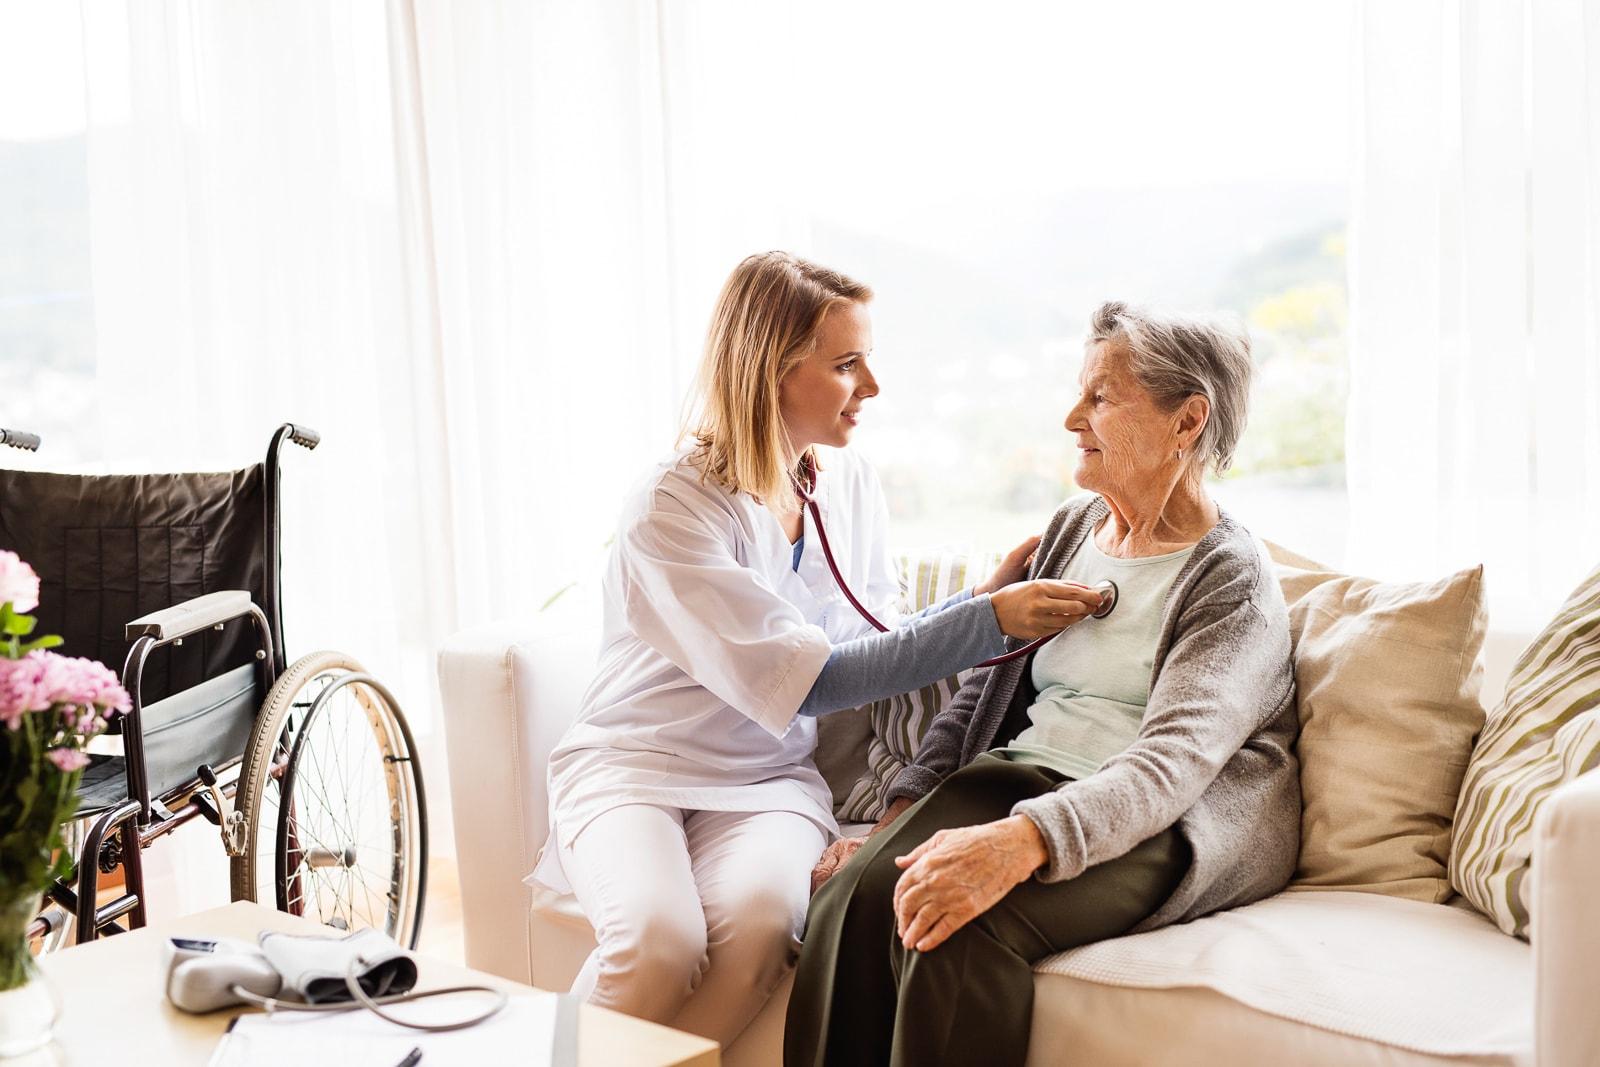 Altenpfleger/in betreut ältere Menschen